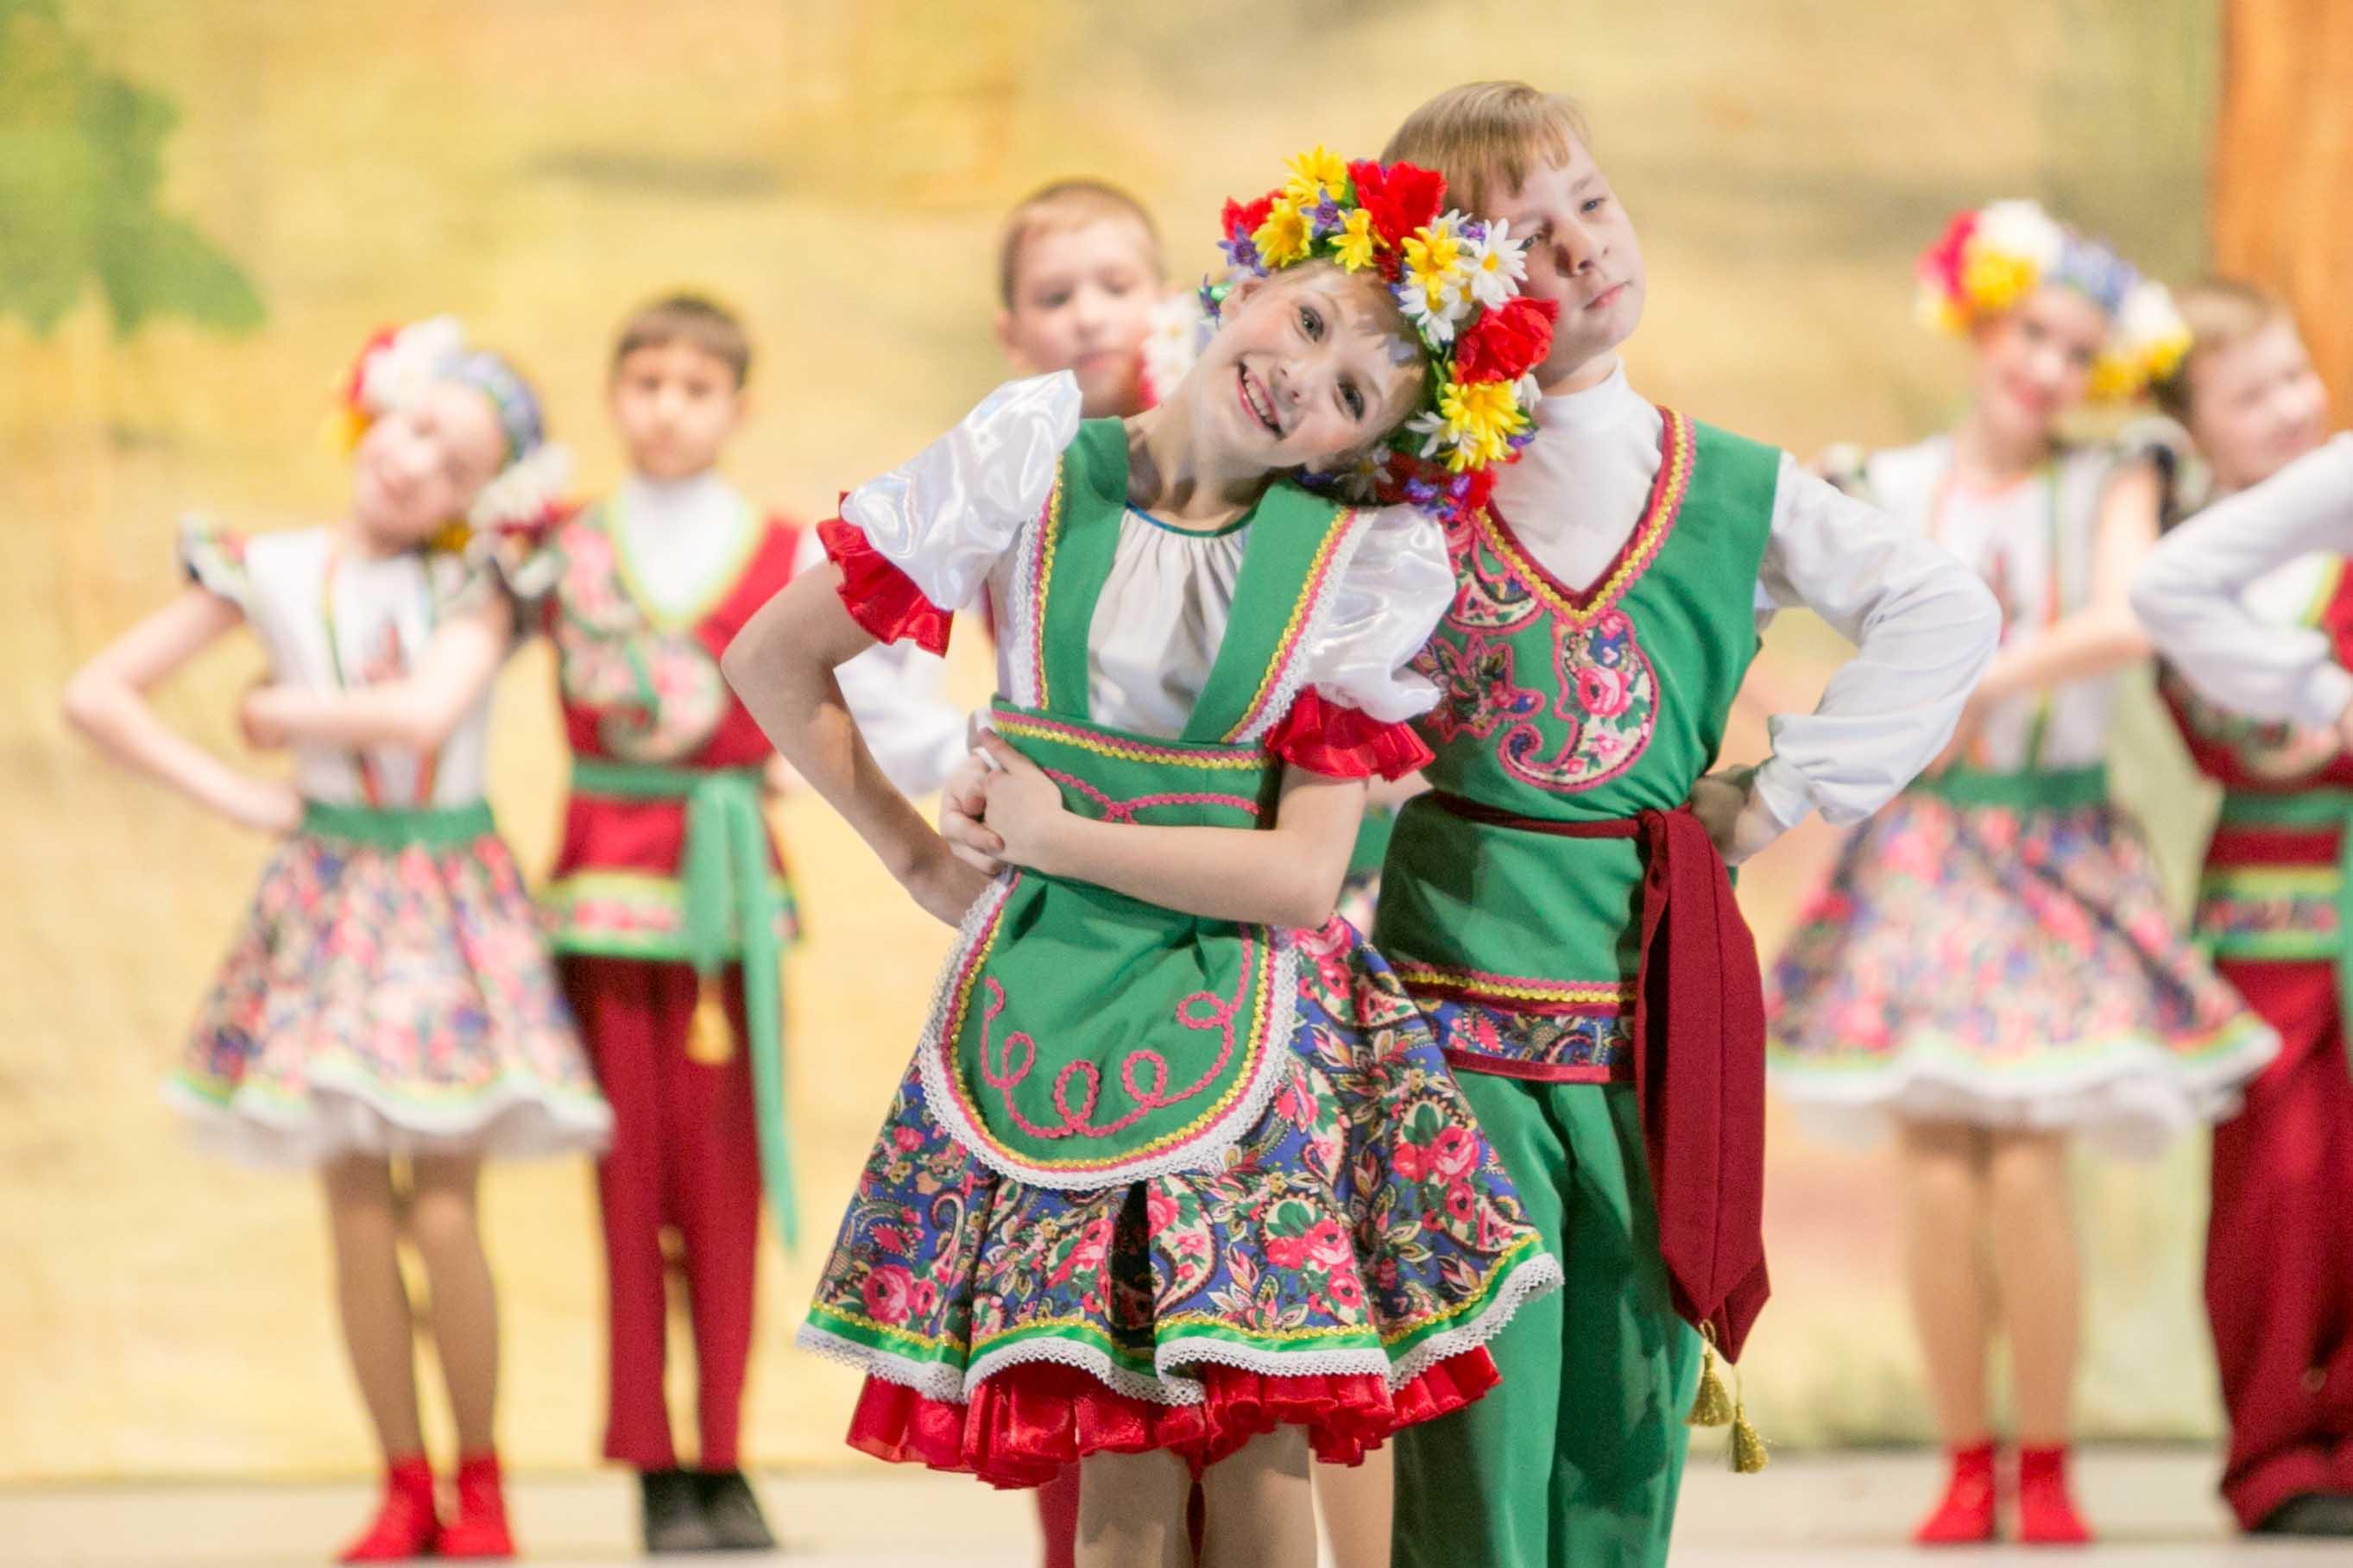 так фото с русскими народными танцами вид